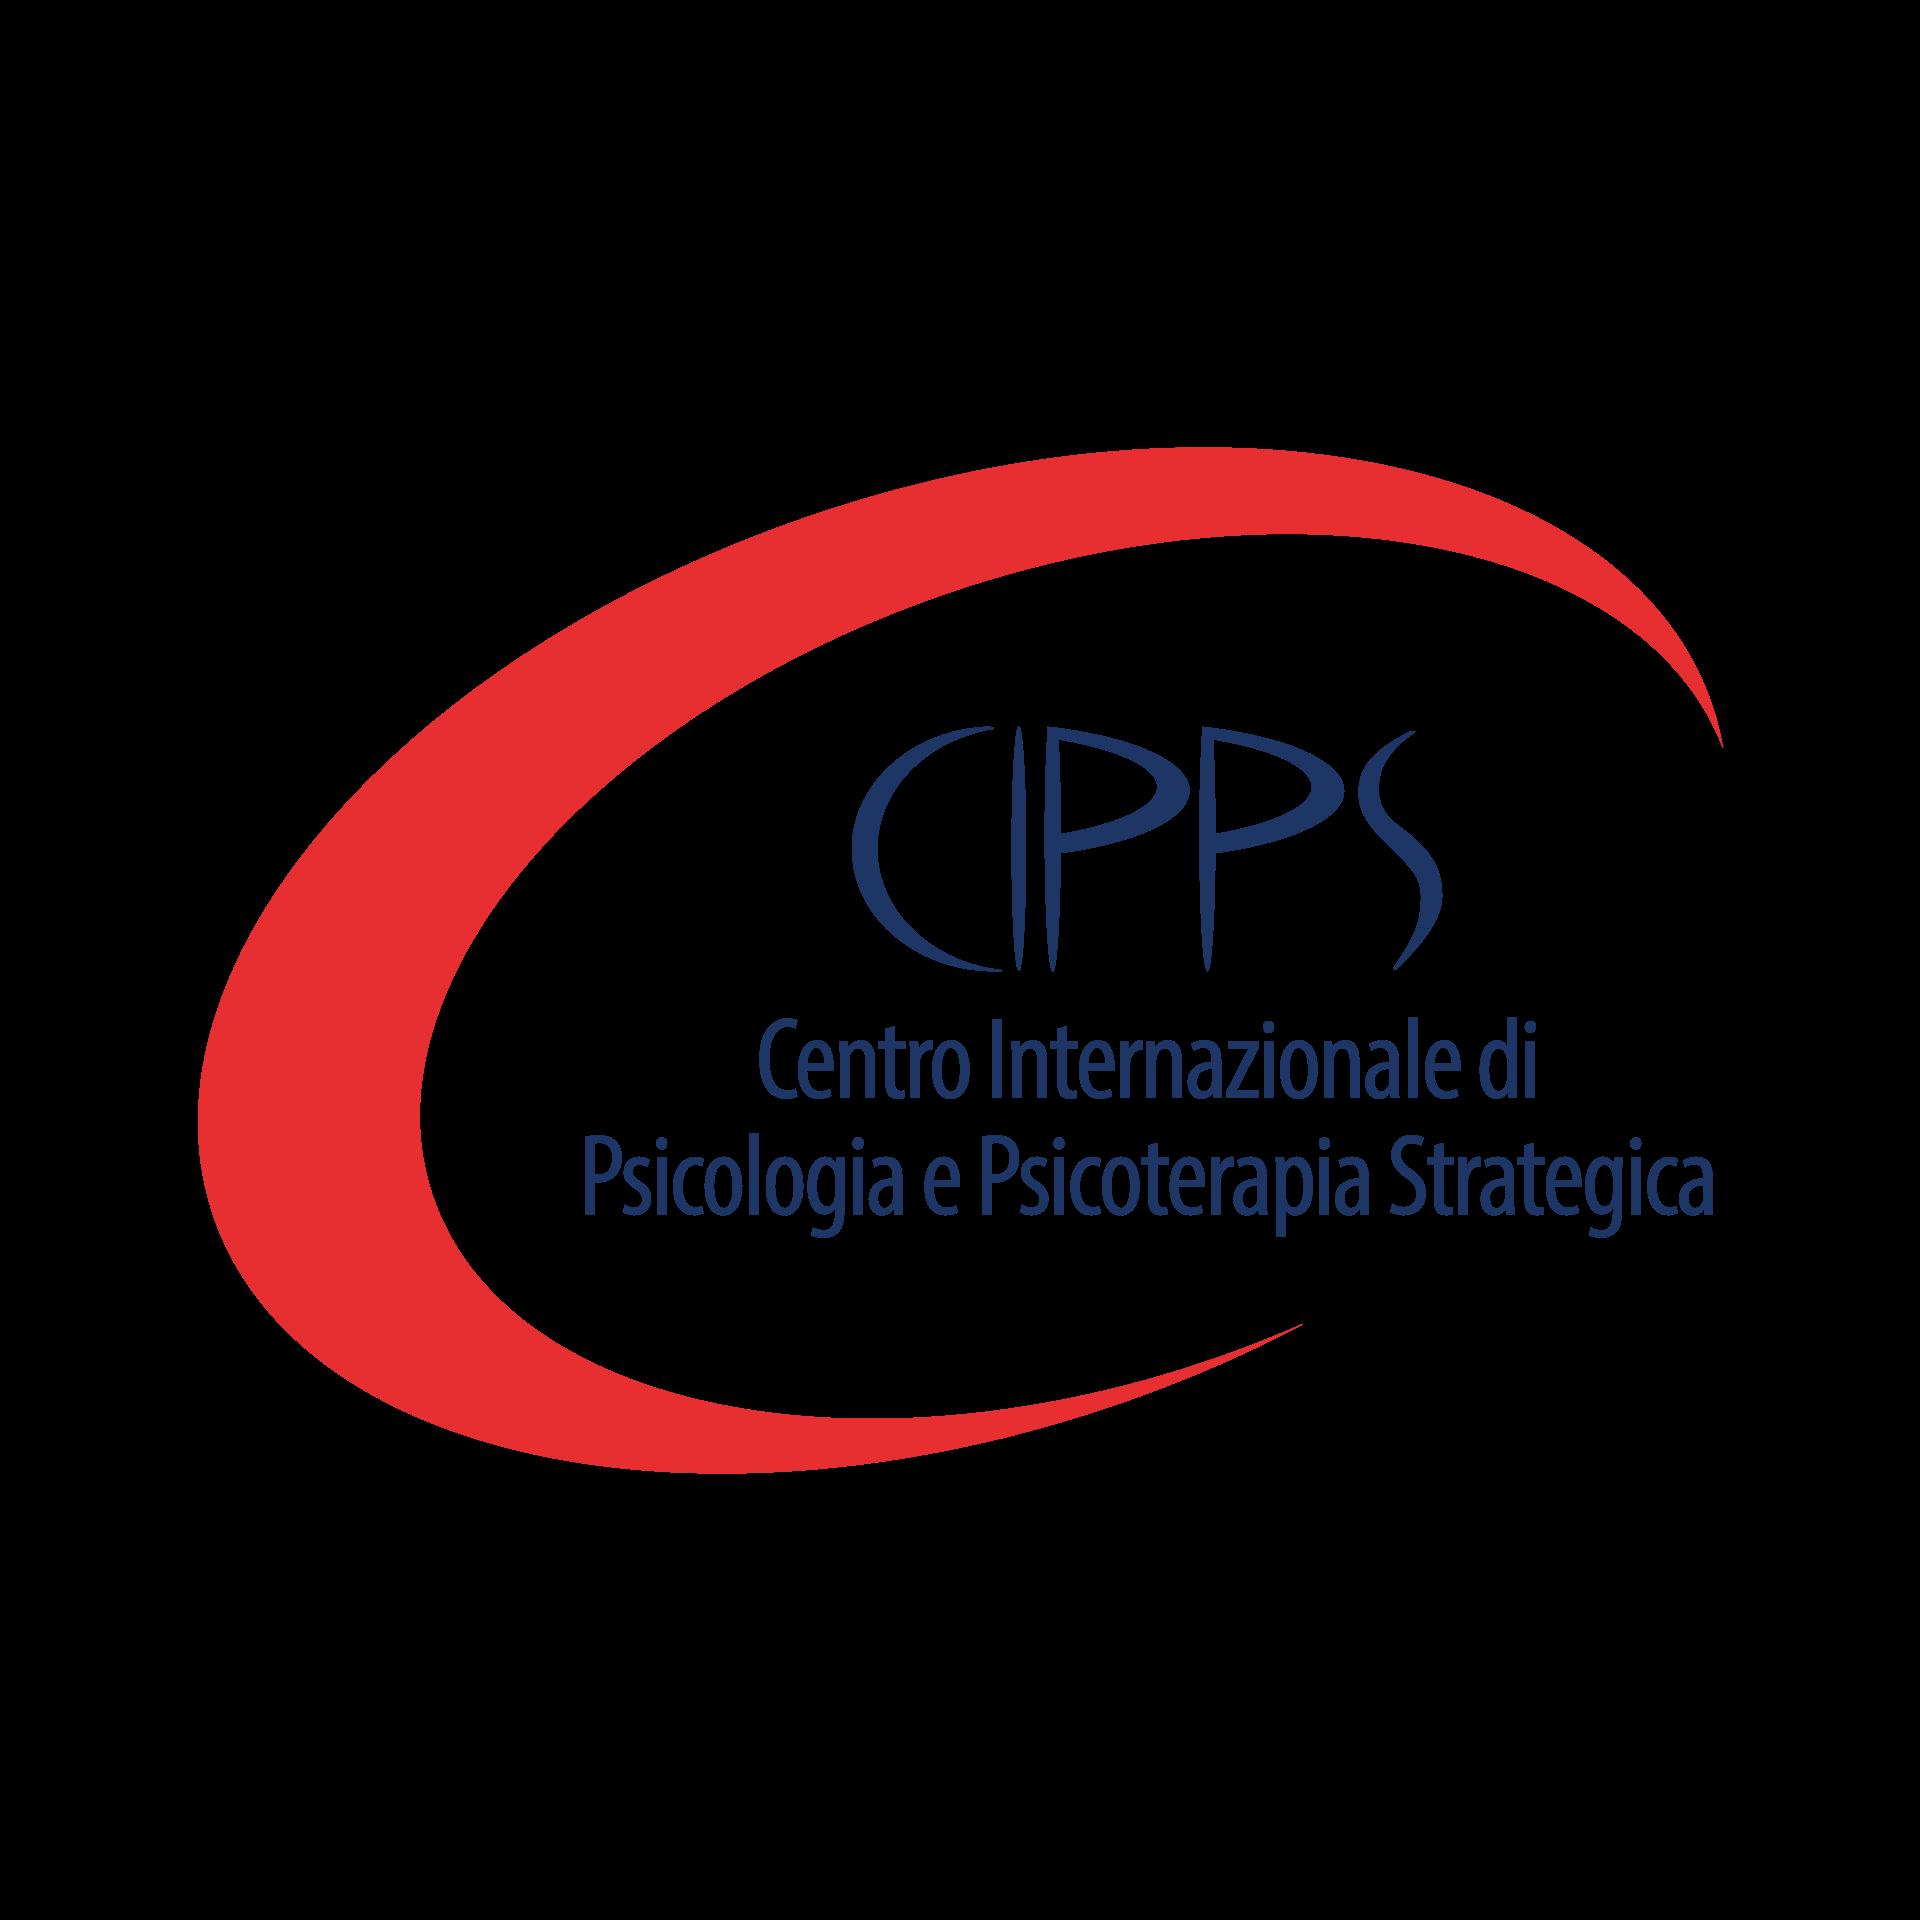 CIPPS Logo